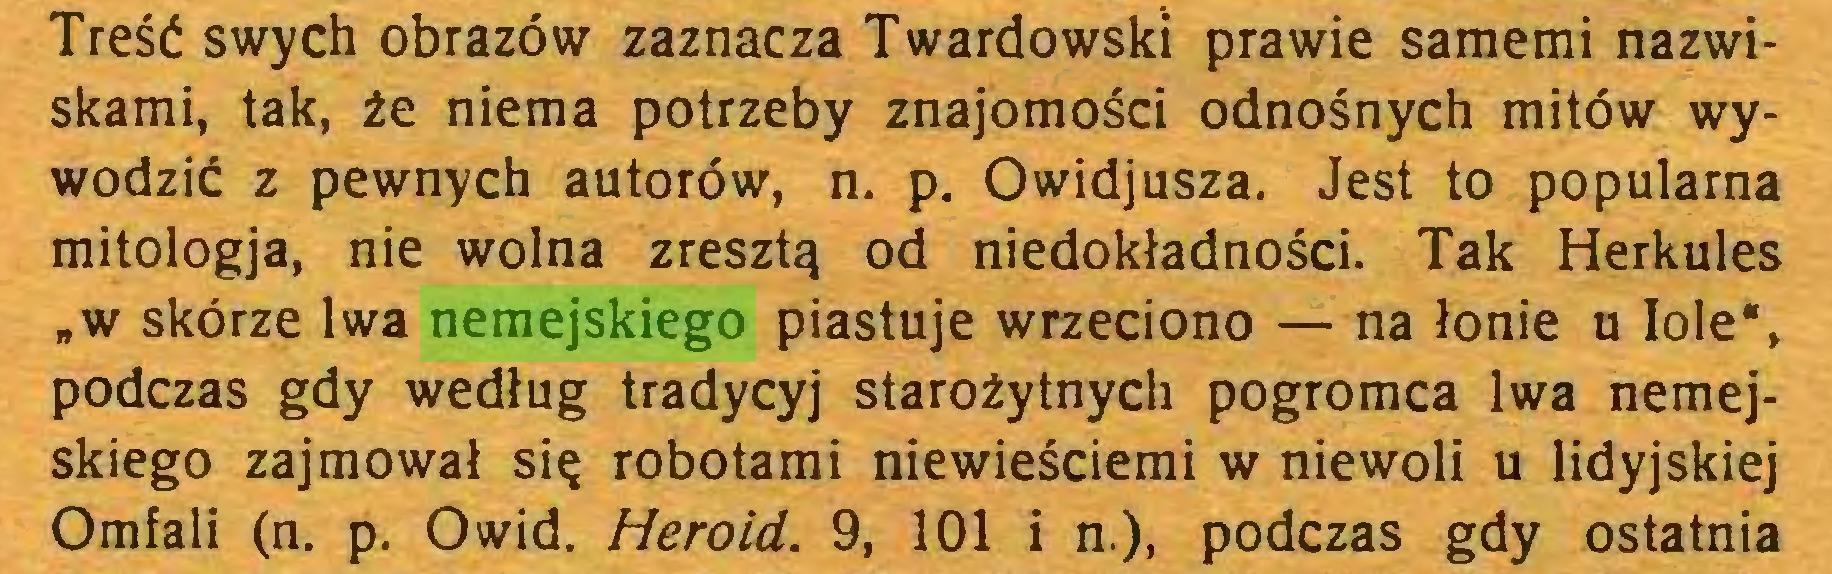 """(...) Treść swych obrazów zaznacza Twardowski prawie samemi nazwiskami, tak, źe niema potrzeby znajomości odnośnych mitów wywodzić z pewnych autorów, n. p. Owidjusza. Jest to popularna mitologja, nie wolna zresztą od niedokładności. Tak Herkules """"w skórze lwa nemejskiego piastuje wrzeciono — na łonie u Iole"""", podczas gdy według tradycyj starożytnych pogromca lwa nemejskiego zajmował się robotami niewieściemi w niewoli u lidyjskiej Omfali (n. p. O wid. Herold. 9, 101 i n.), podczas gdy ostatnia..."""